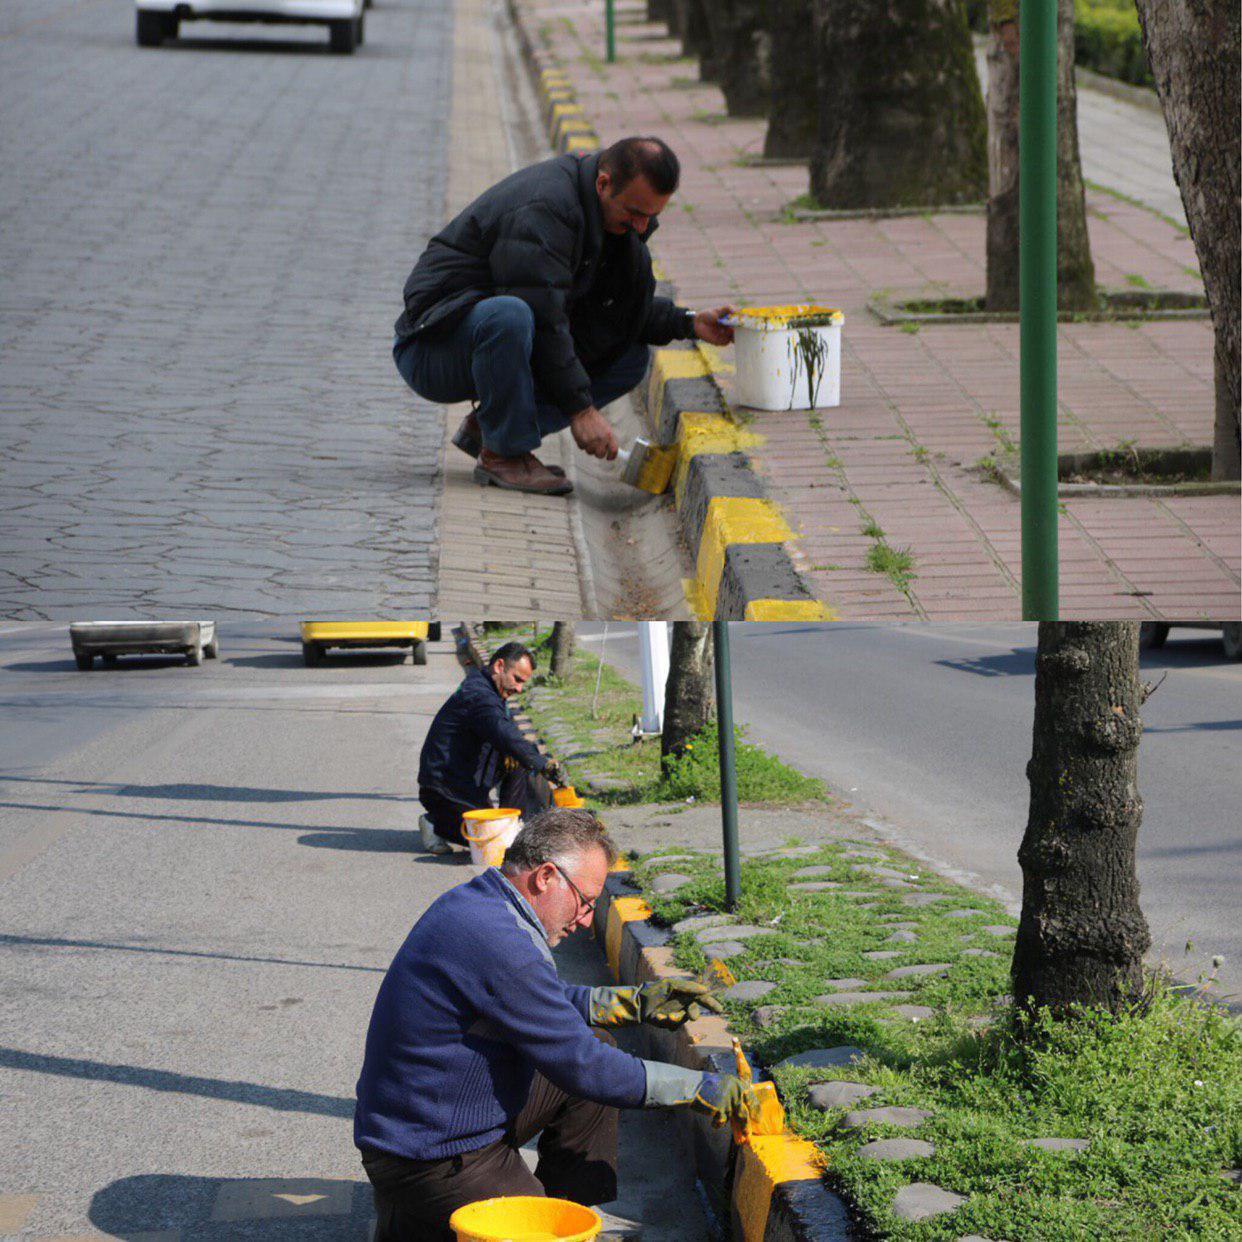 photo 2019 03 14 09 45 50 - برنامه های شهرداری لاهیجان در ایام نوروز ۹۸